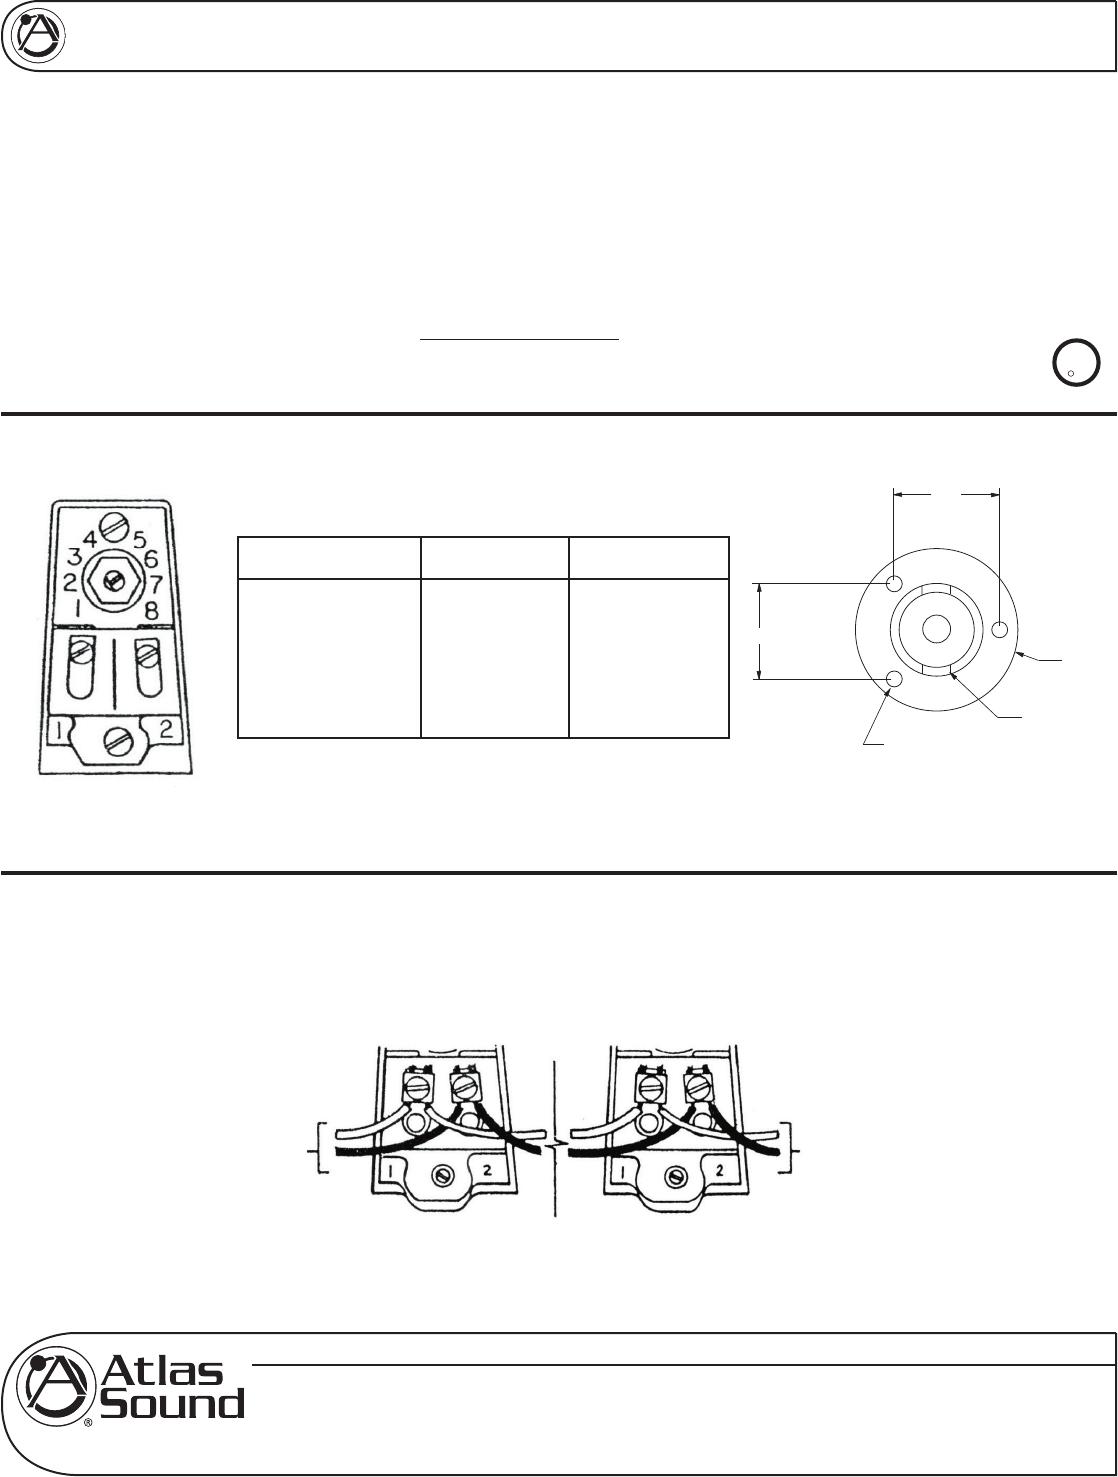 f72f91b0 6dc1 425b a351 87bedc4f0219 bg1 atlas sound speaker ap 15u user guide manualsonline com